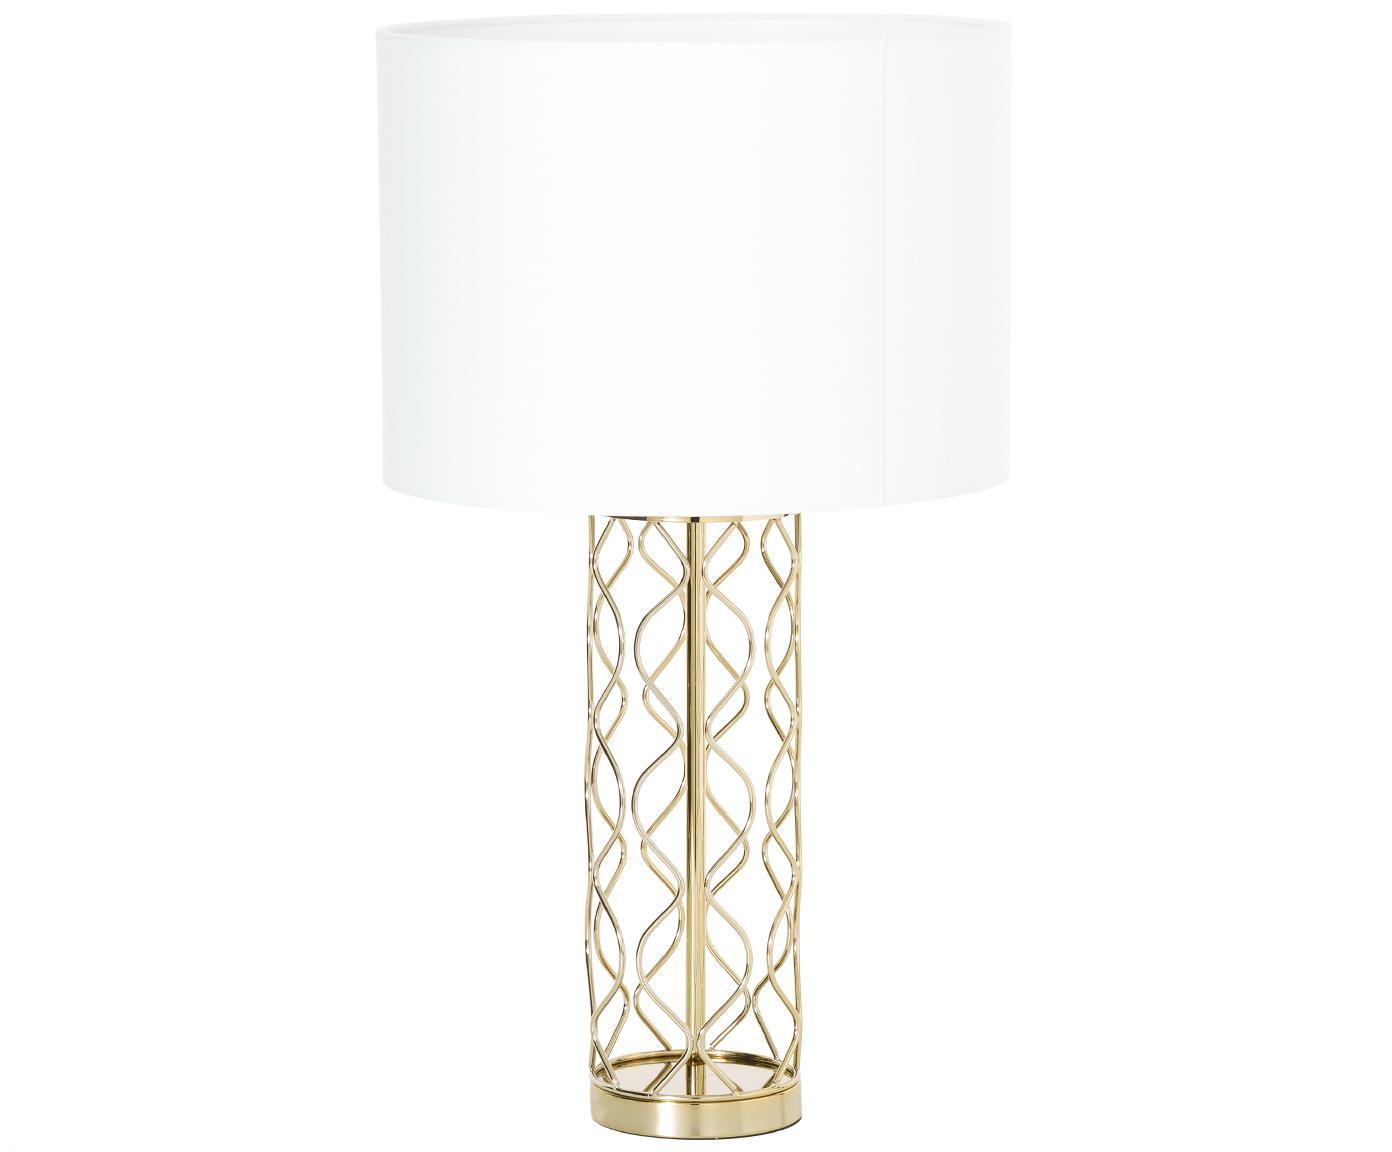 Tischleuchte Adelaide in Weiß-Gold, Lampenschirm: Textil, Lampenfuß: Metall, Lampenschirm: Creme.Lampenfuß: Goldfarben, Ø 35 x H 62 cm